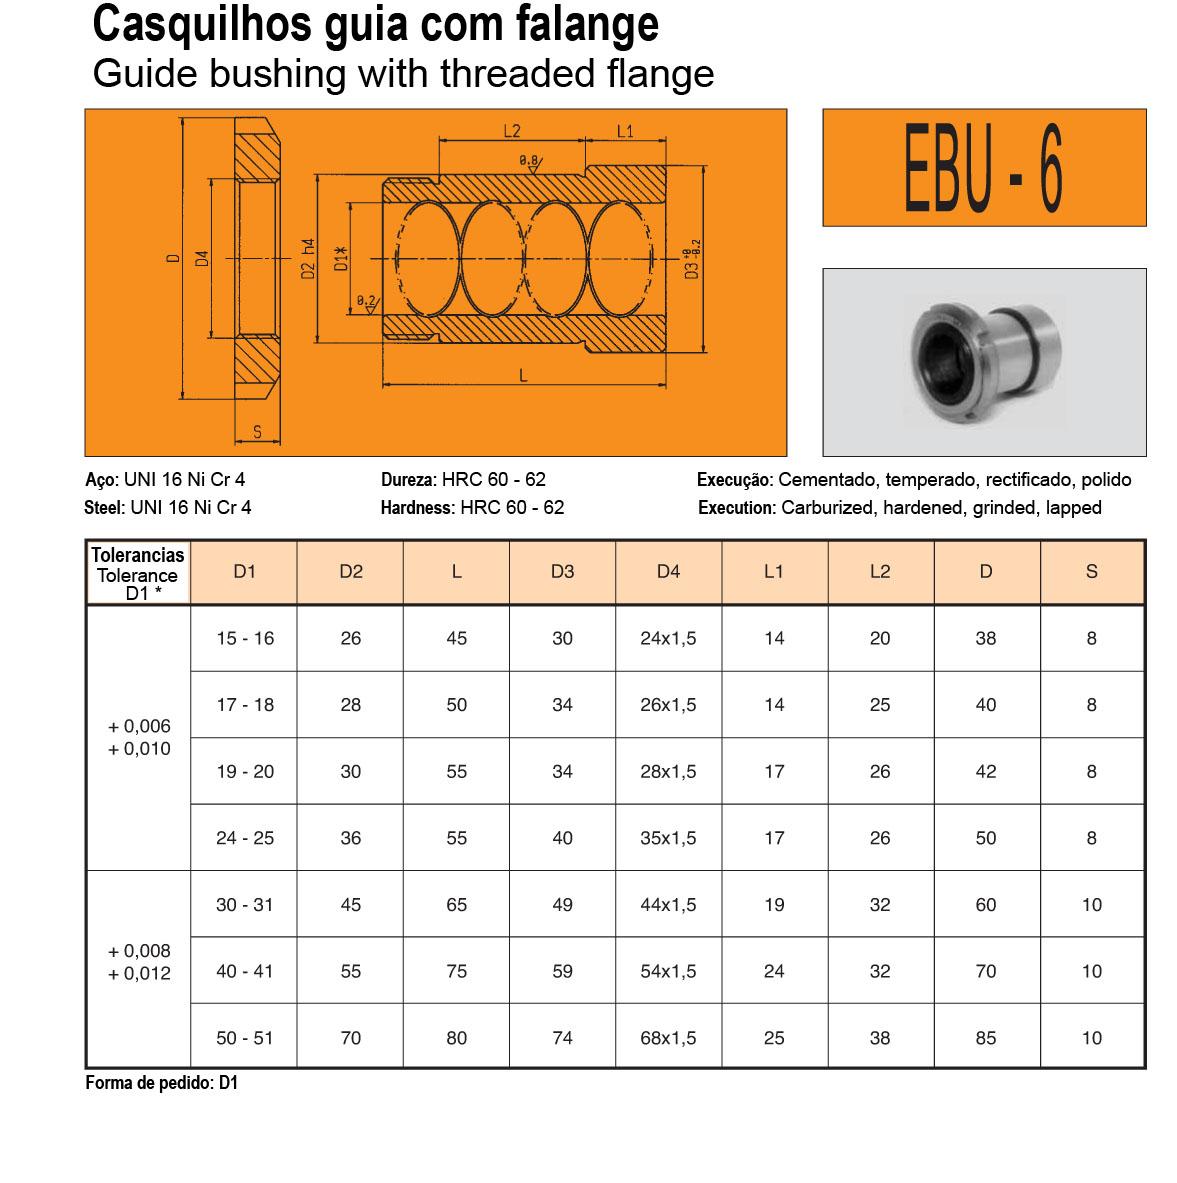 Casquilhos EBU-6